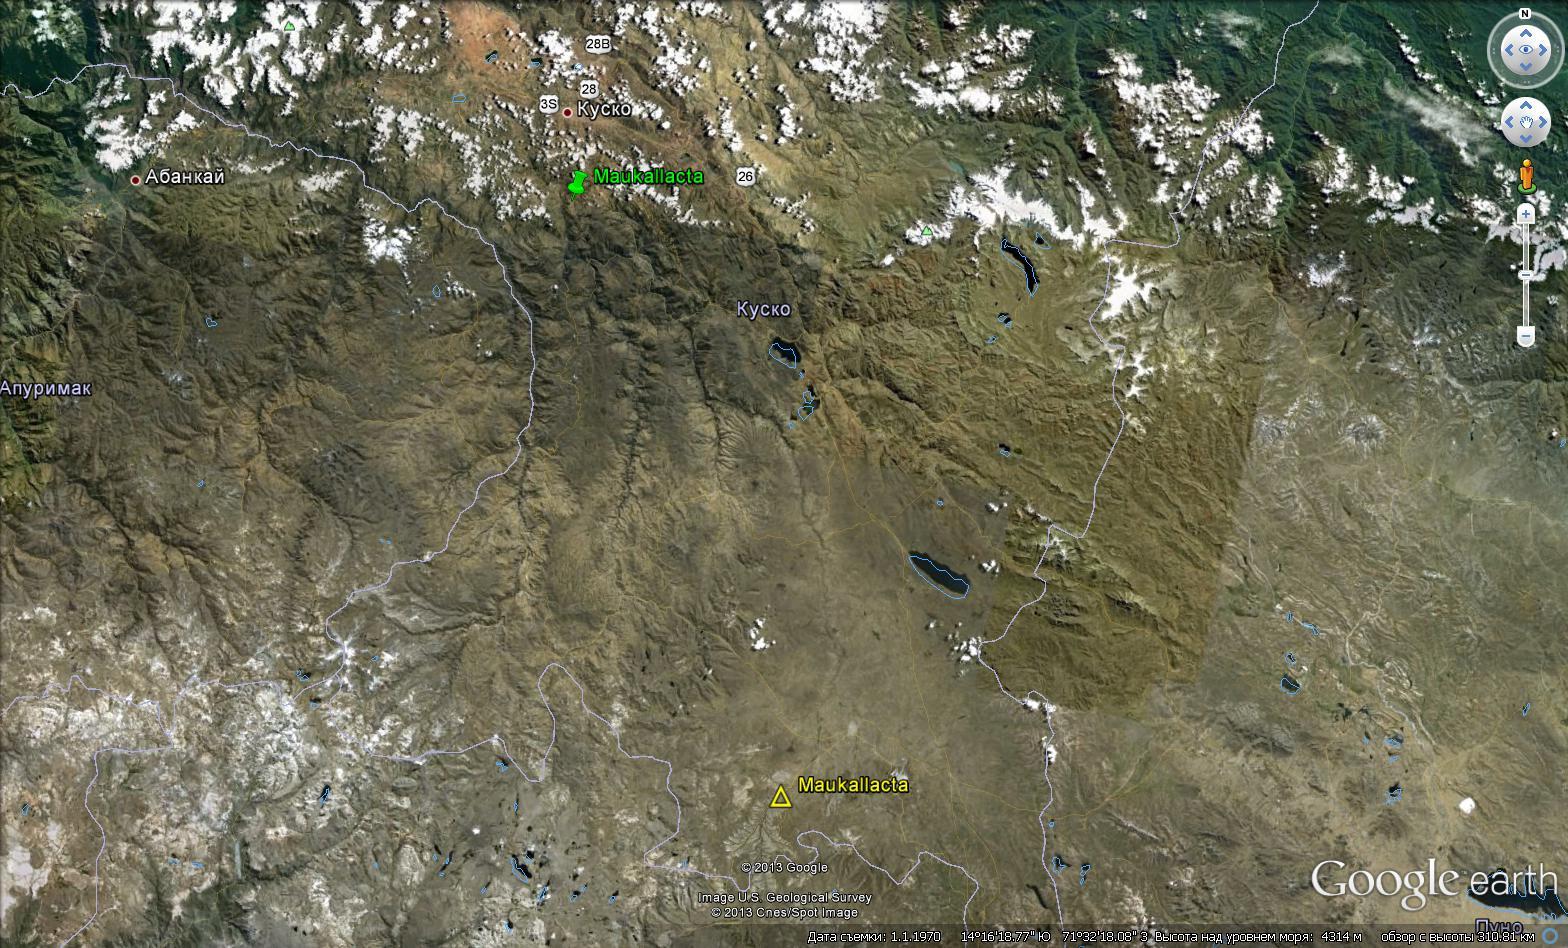 Месторасположение Маукаллакты в провинции Эспинар и Маукаллакты под городом Куско